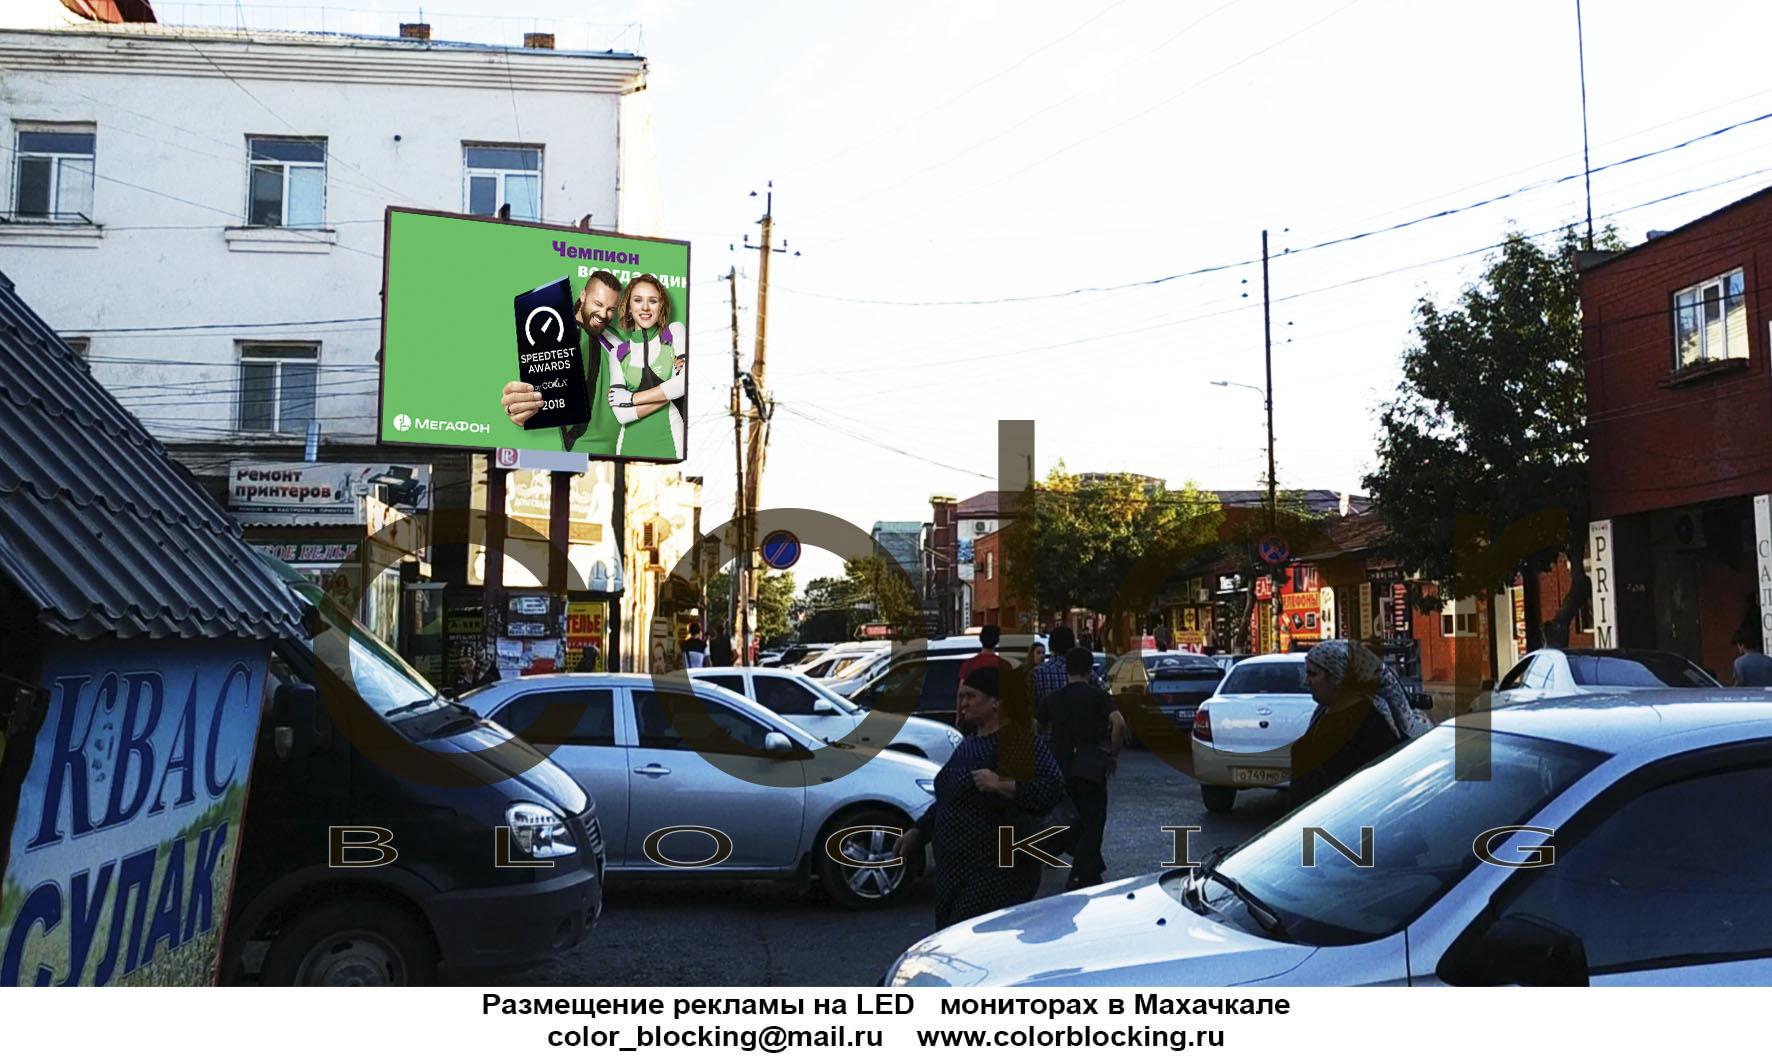 Реклама на светодиодных экранах в Хасавюрте наружная